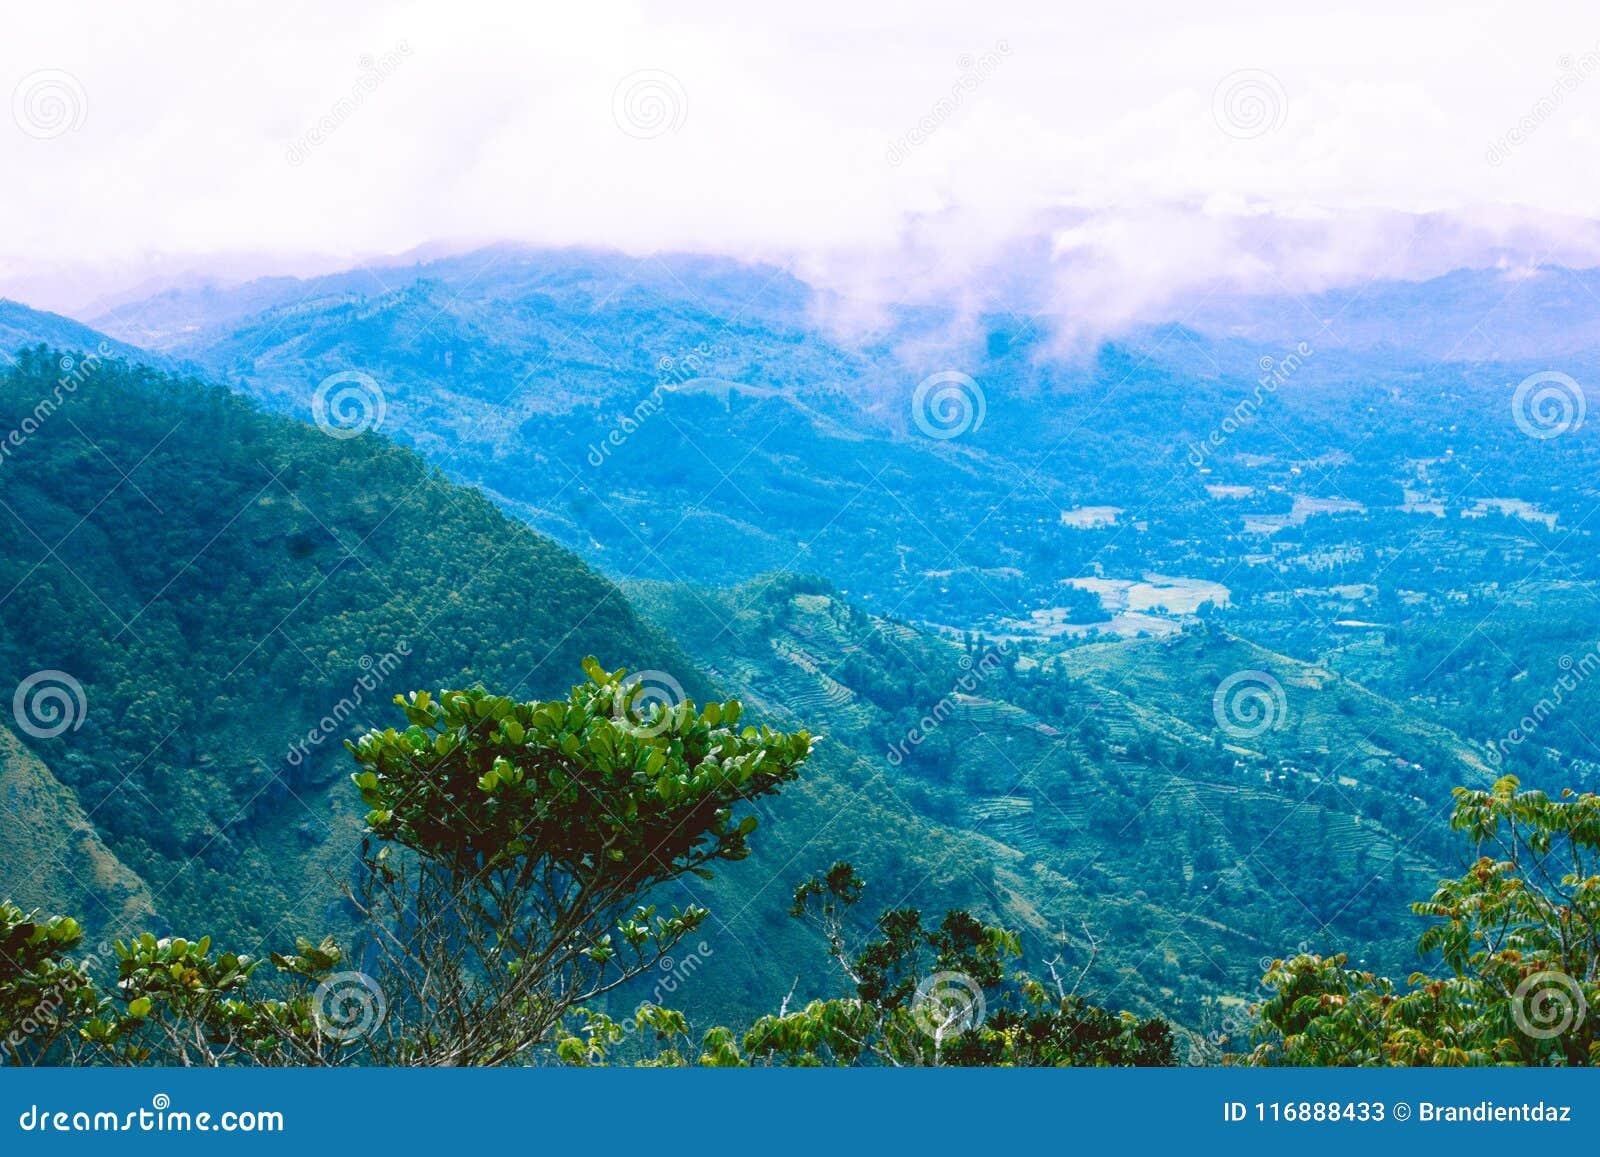 Άποψη από την κορυφή των πεδιάδων `, Σρι Λάνκα φεγγαριών `